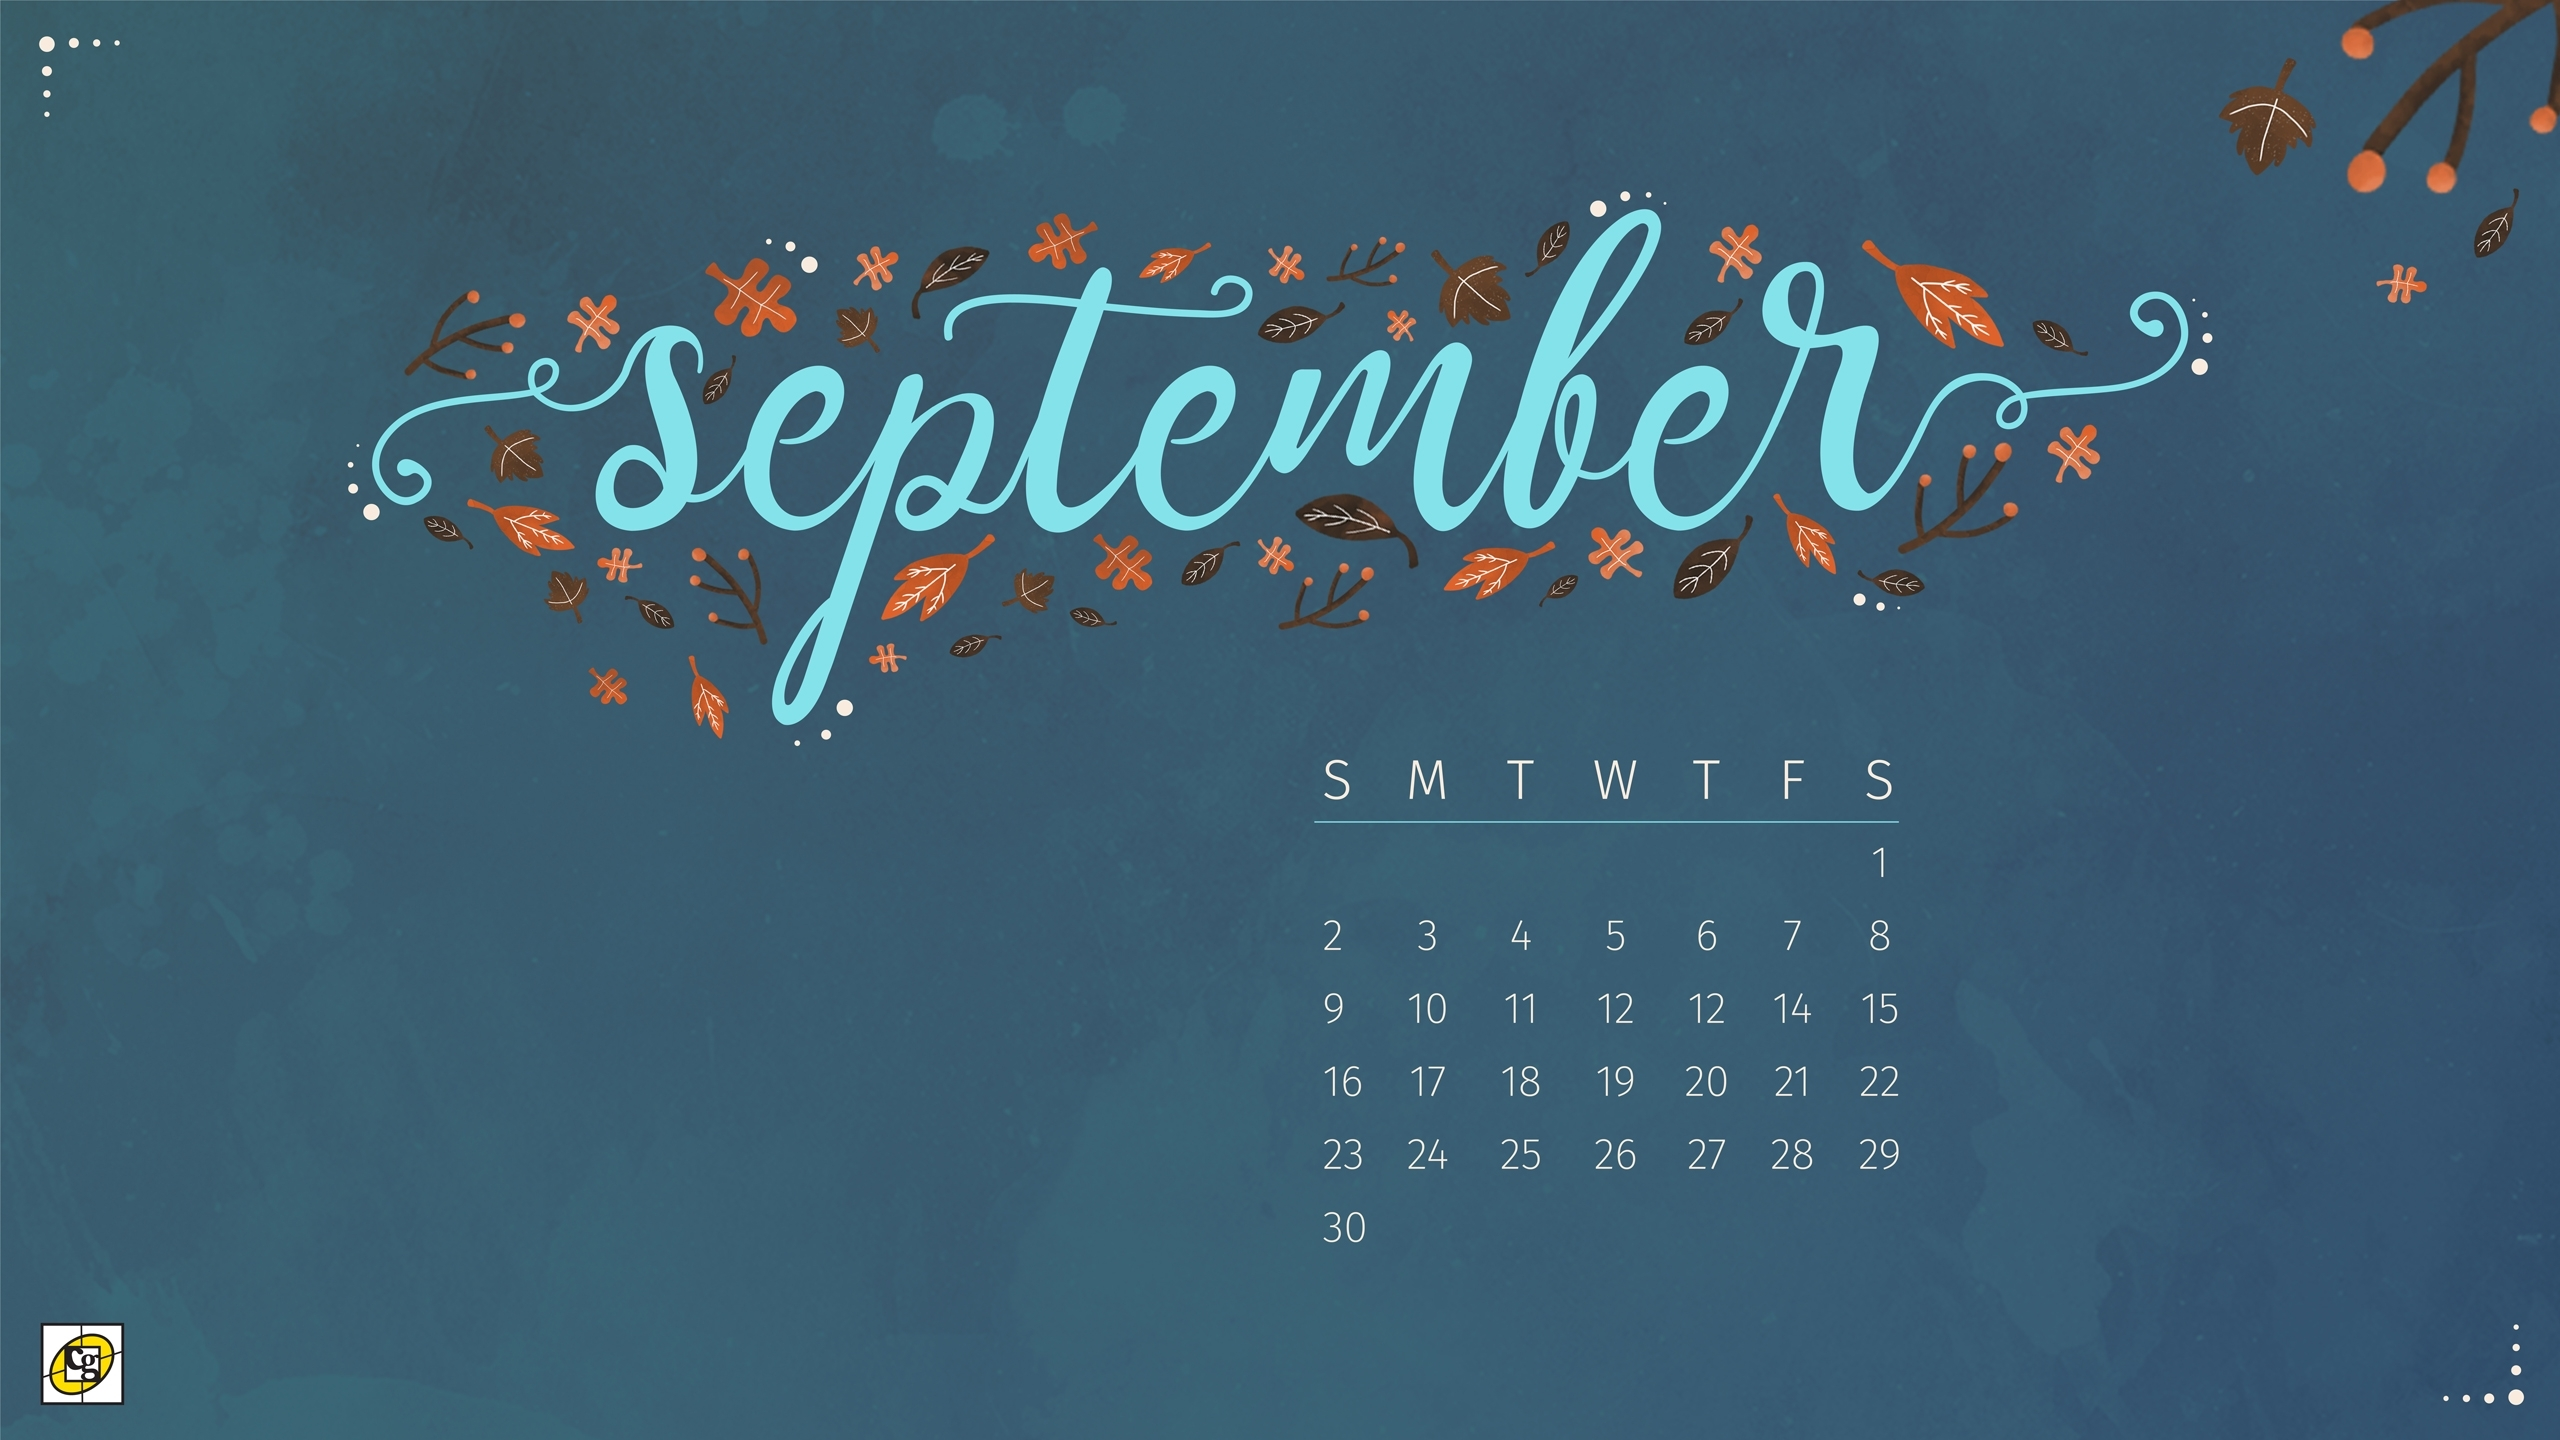 Free Download: September 2018 Desktop Calendar - Composure